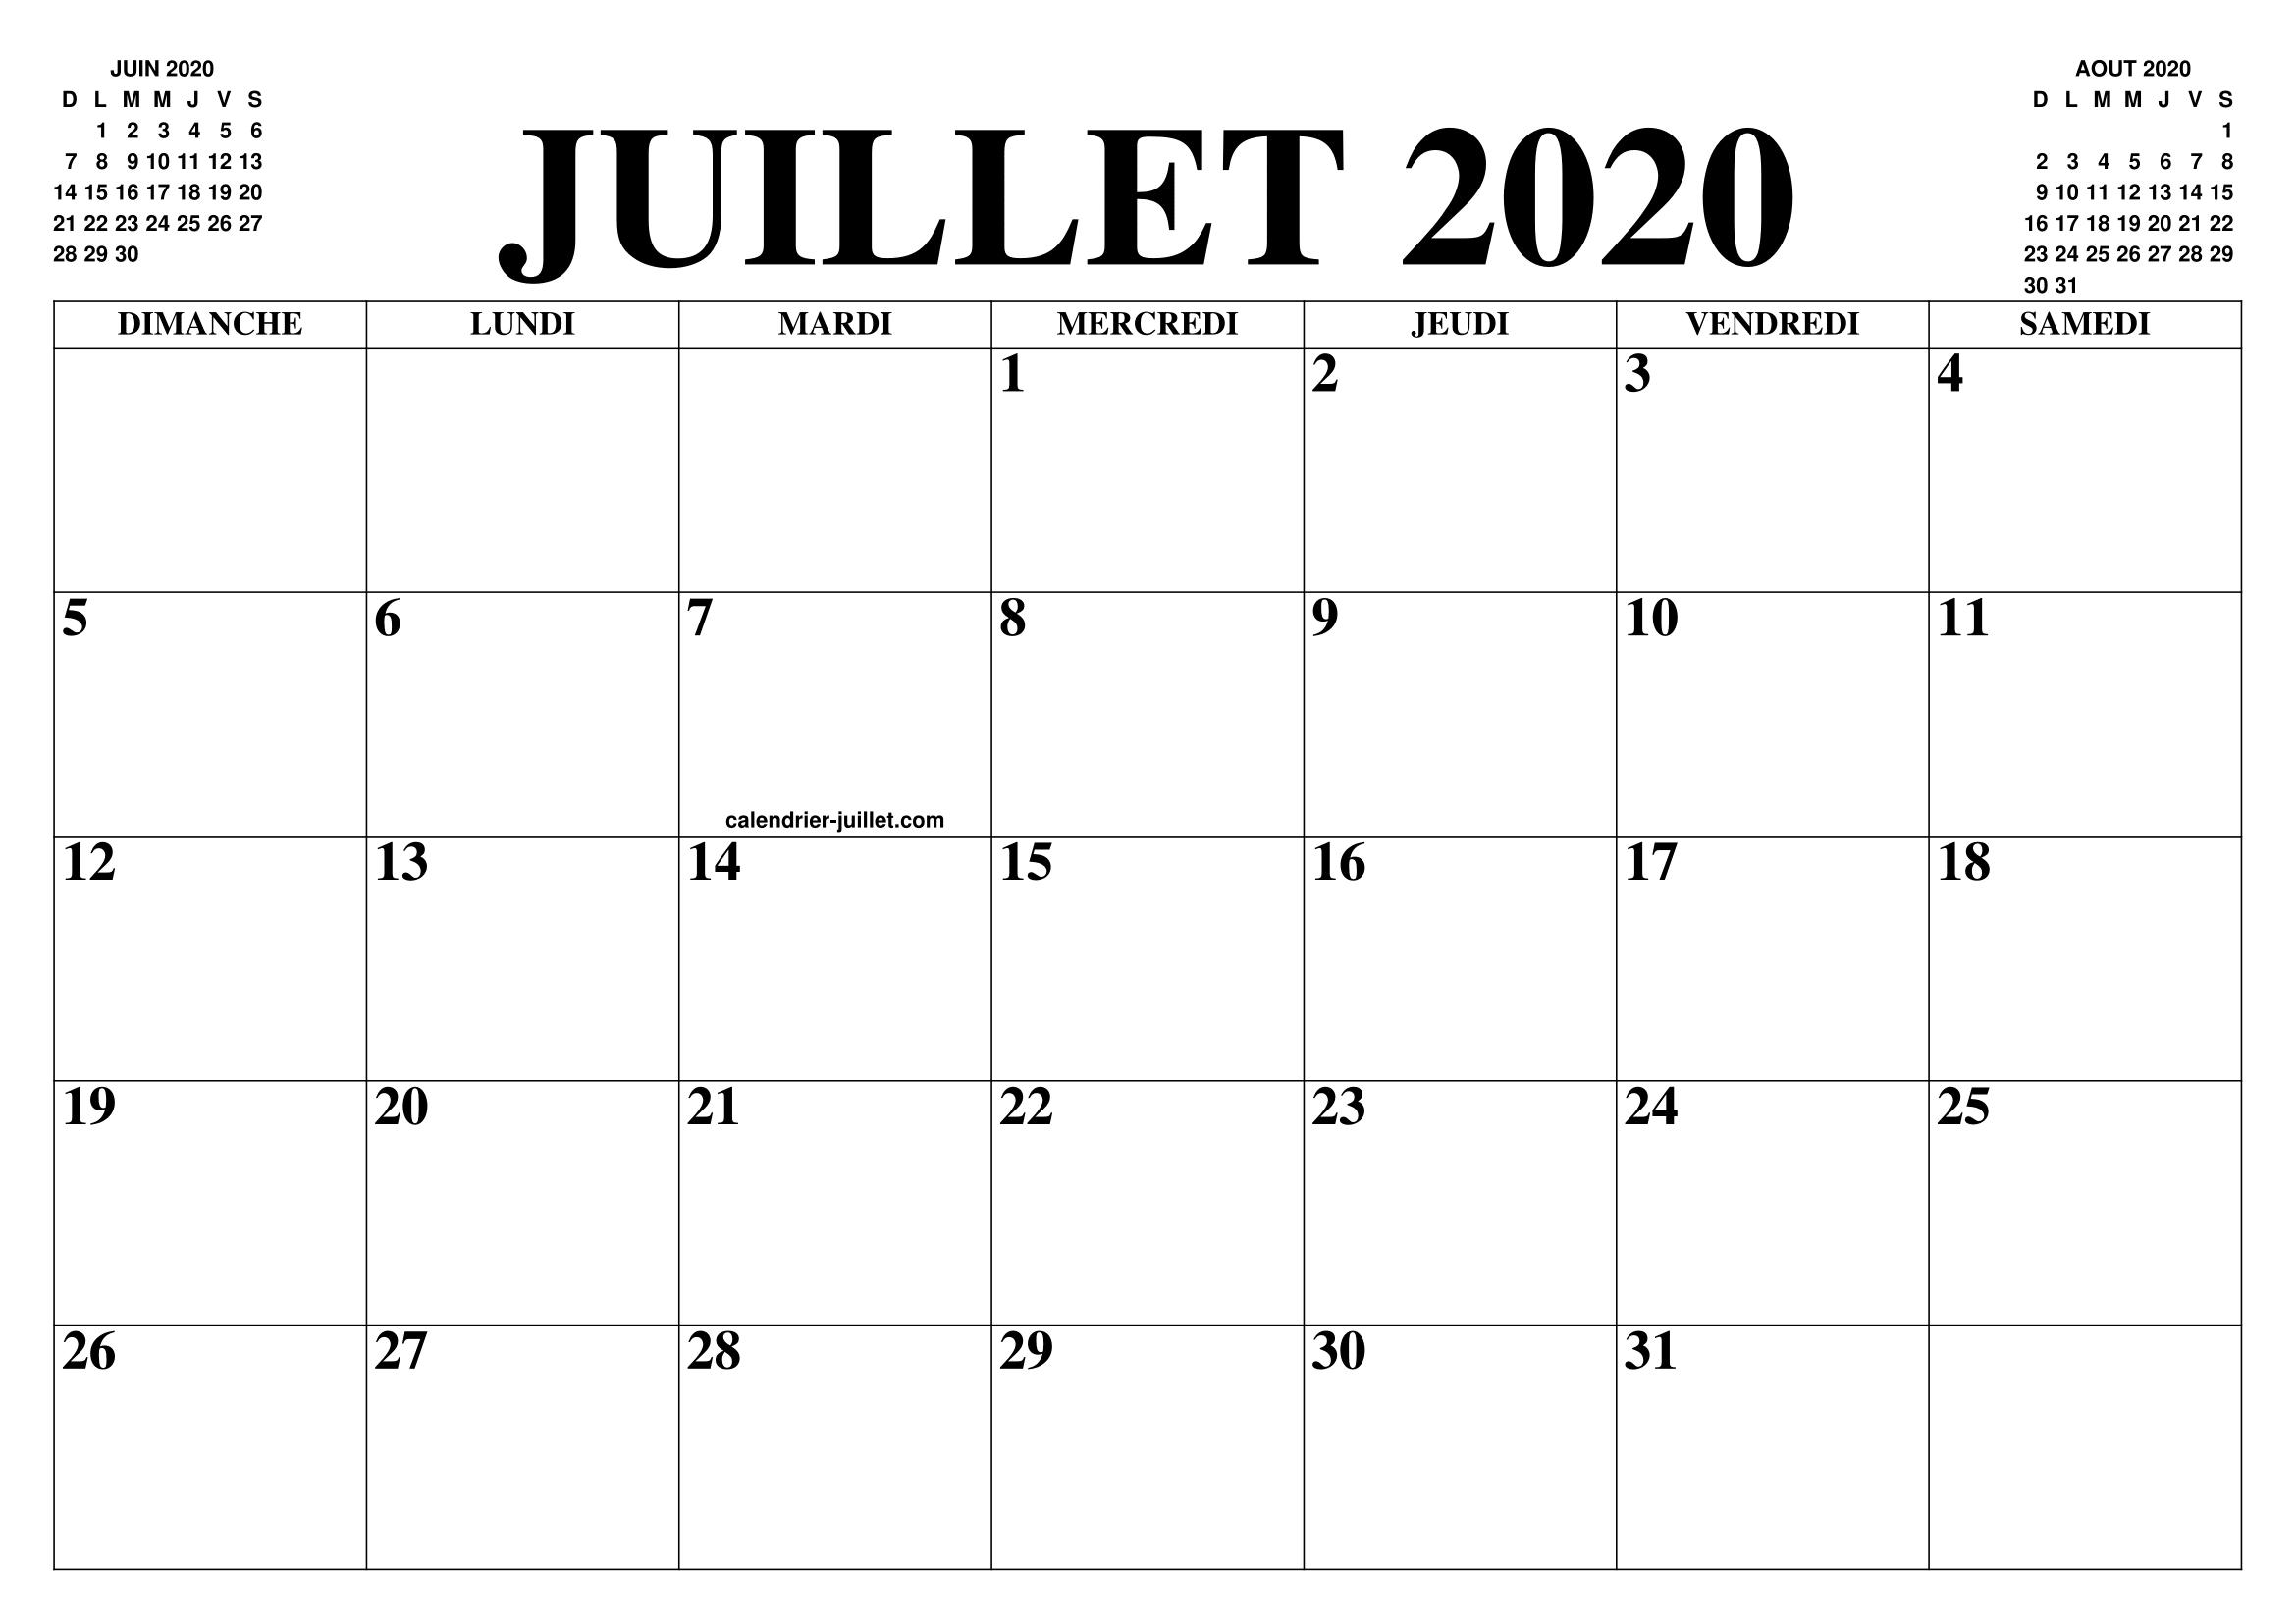 Calendrier Juillet2020.Calendrier Juillet 2020 Le Calendrier Du Mois De Juillet